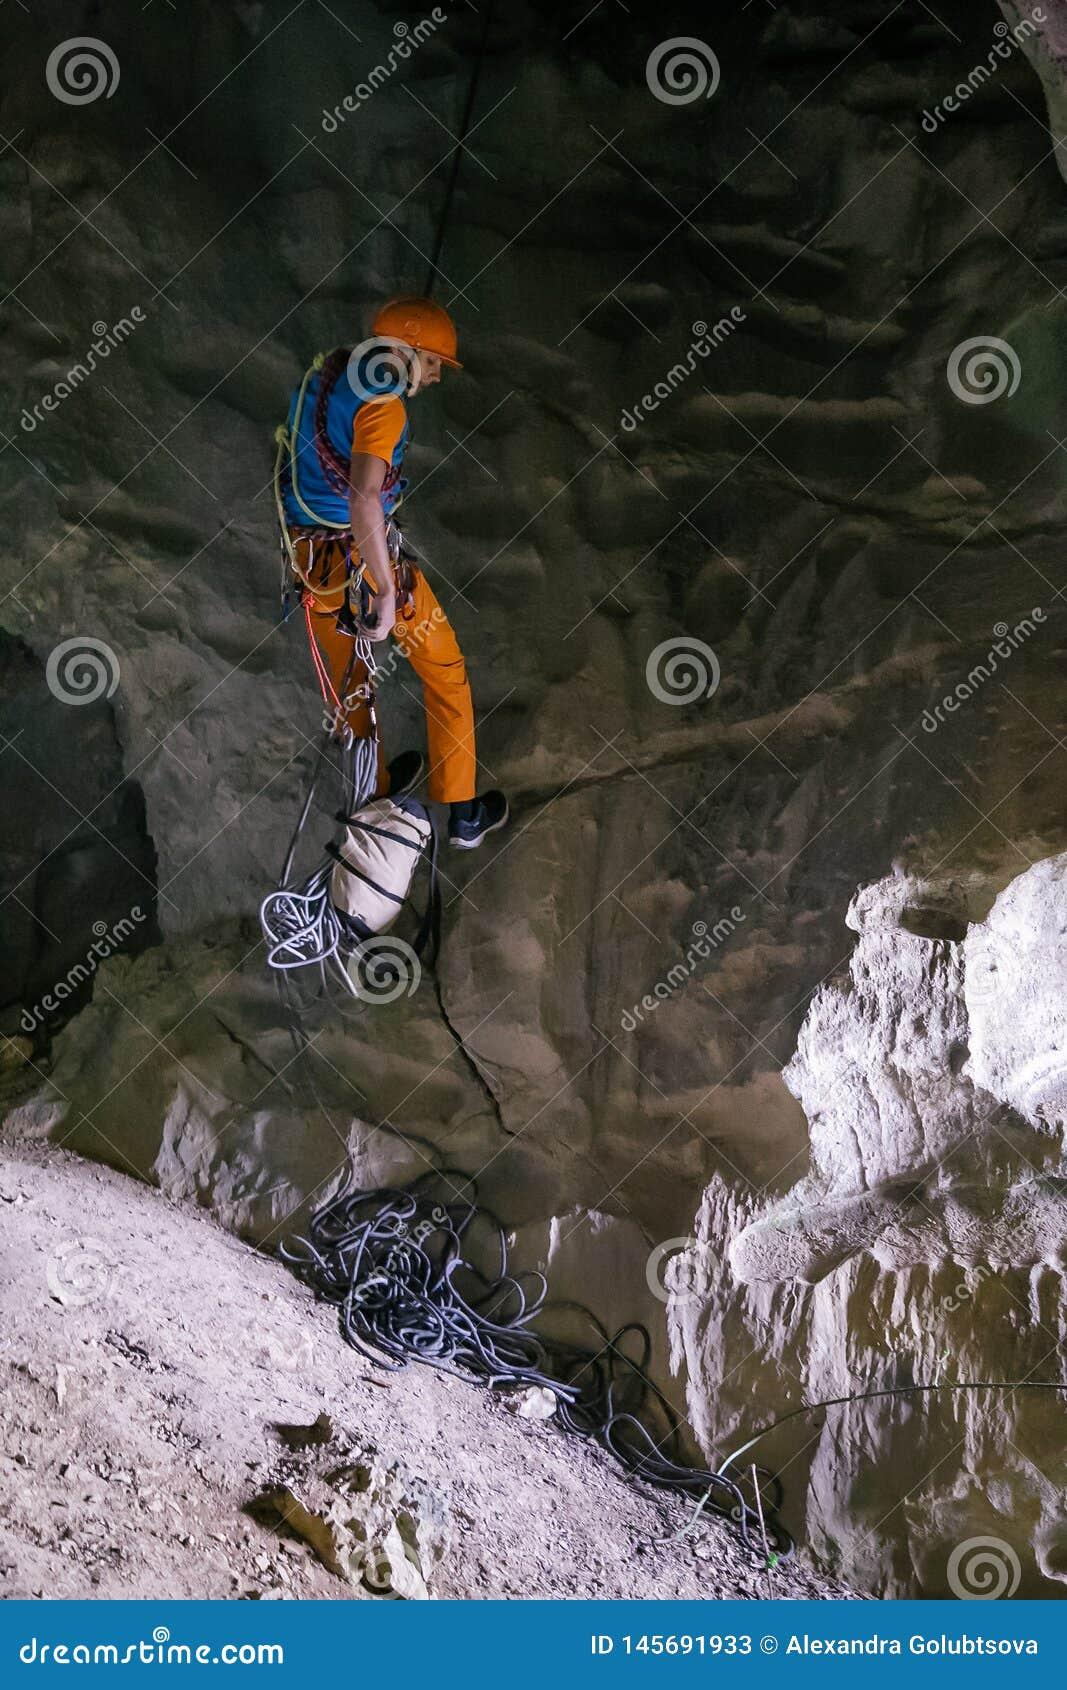 Hombre rappelling en cueva